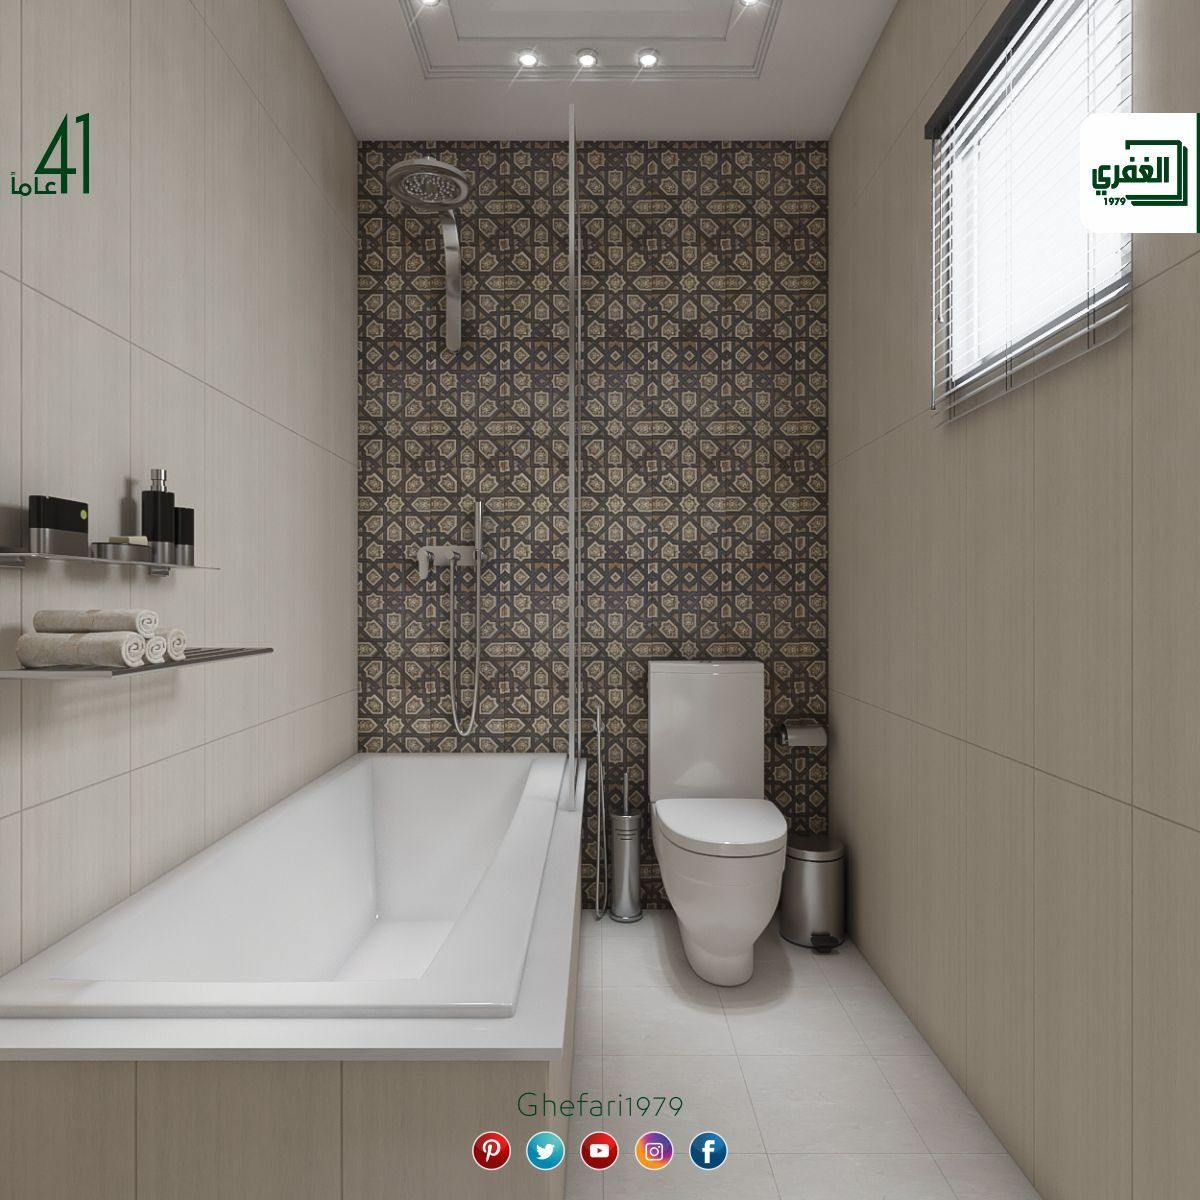 بلاط أسباني ديكور اندلسي للاستخدام داخل الحمامات المطابخ اماكن اخرى للمزيد زورونا على موقع الشركة Https Www Ghefari Com A Bathroom Bathtub Alcove Bathtub